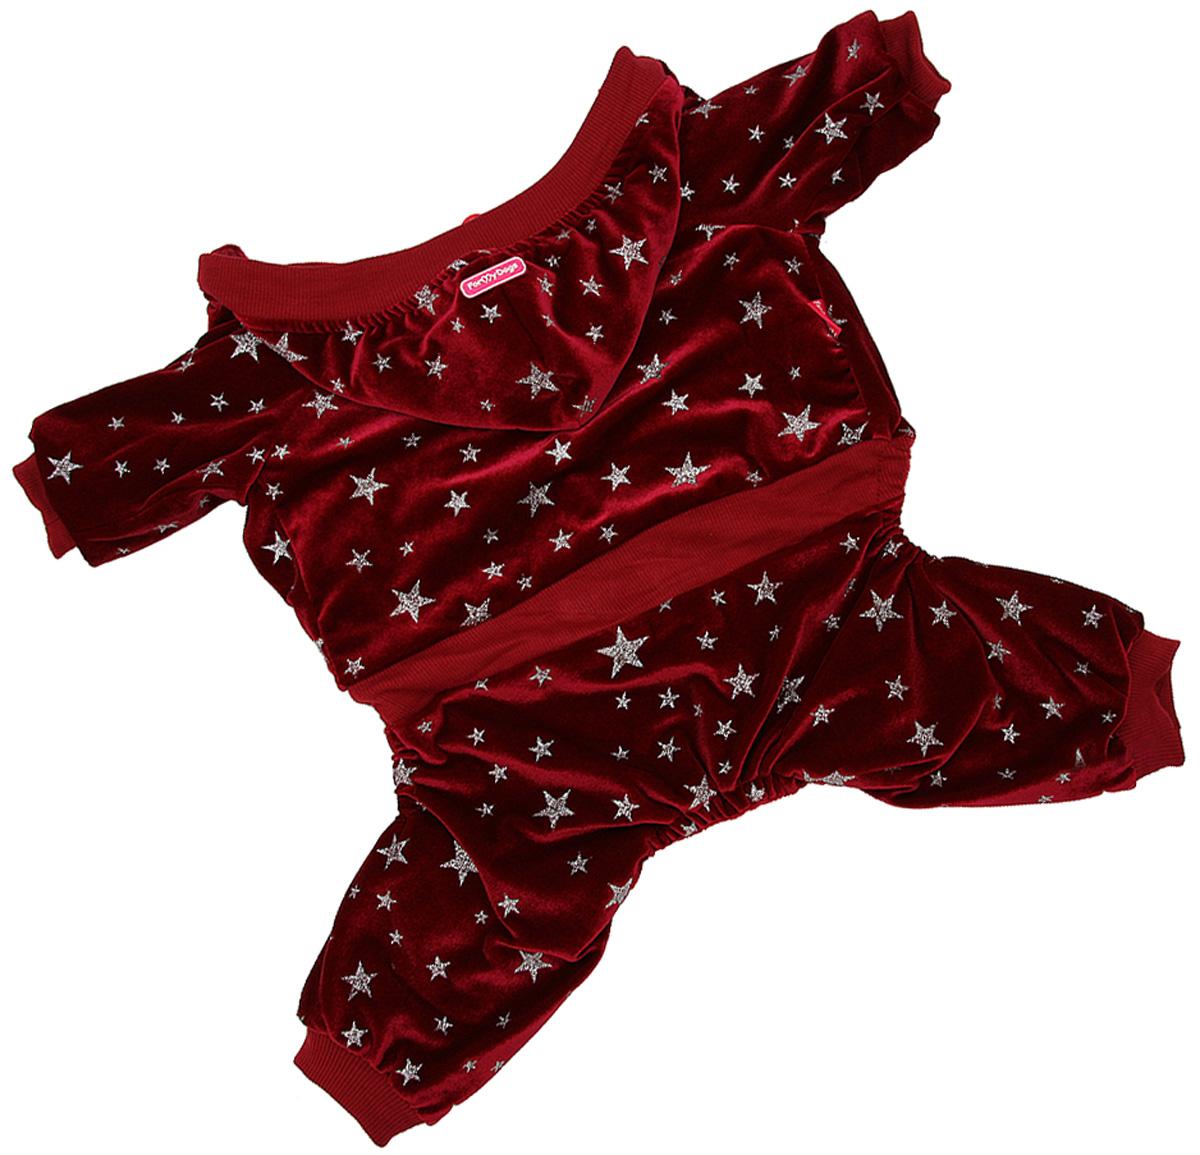 For My Dogs костюм для собак утепленный велюр бордовый Fw915-2020  (22)